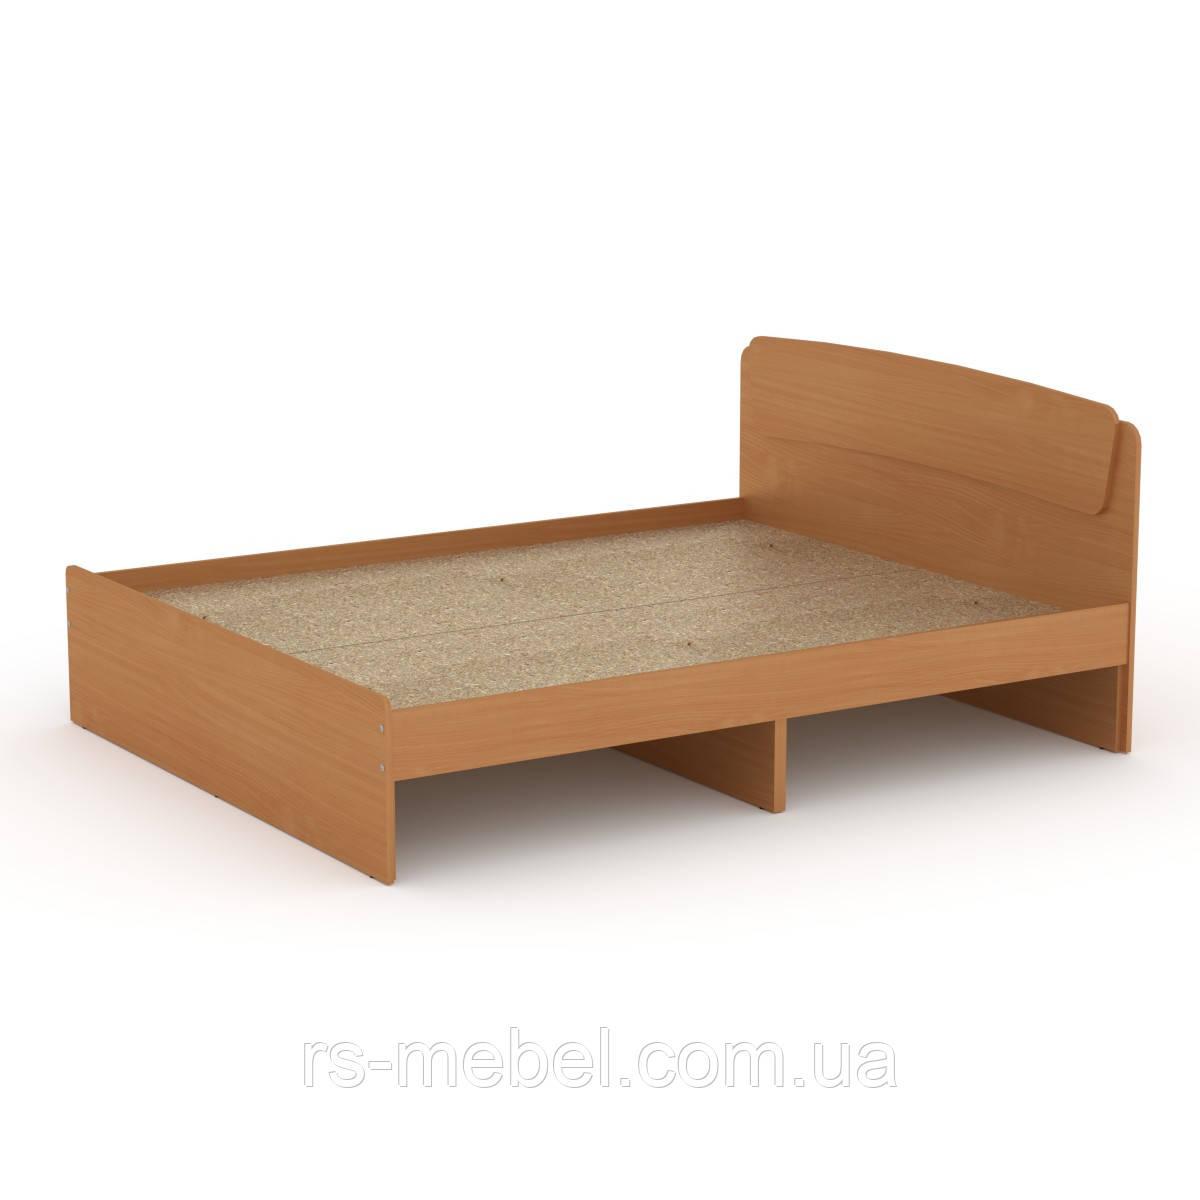 """Кровать """"Классика-140"""", дсп (Компанит)"""